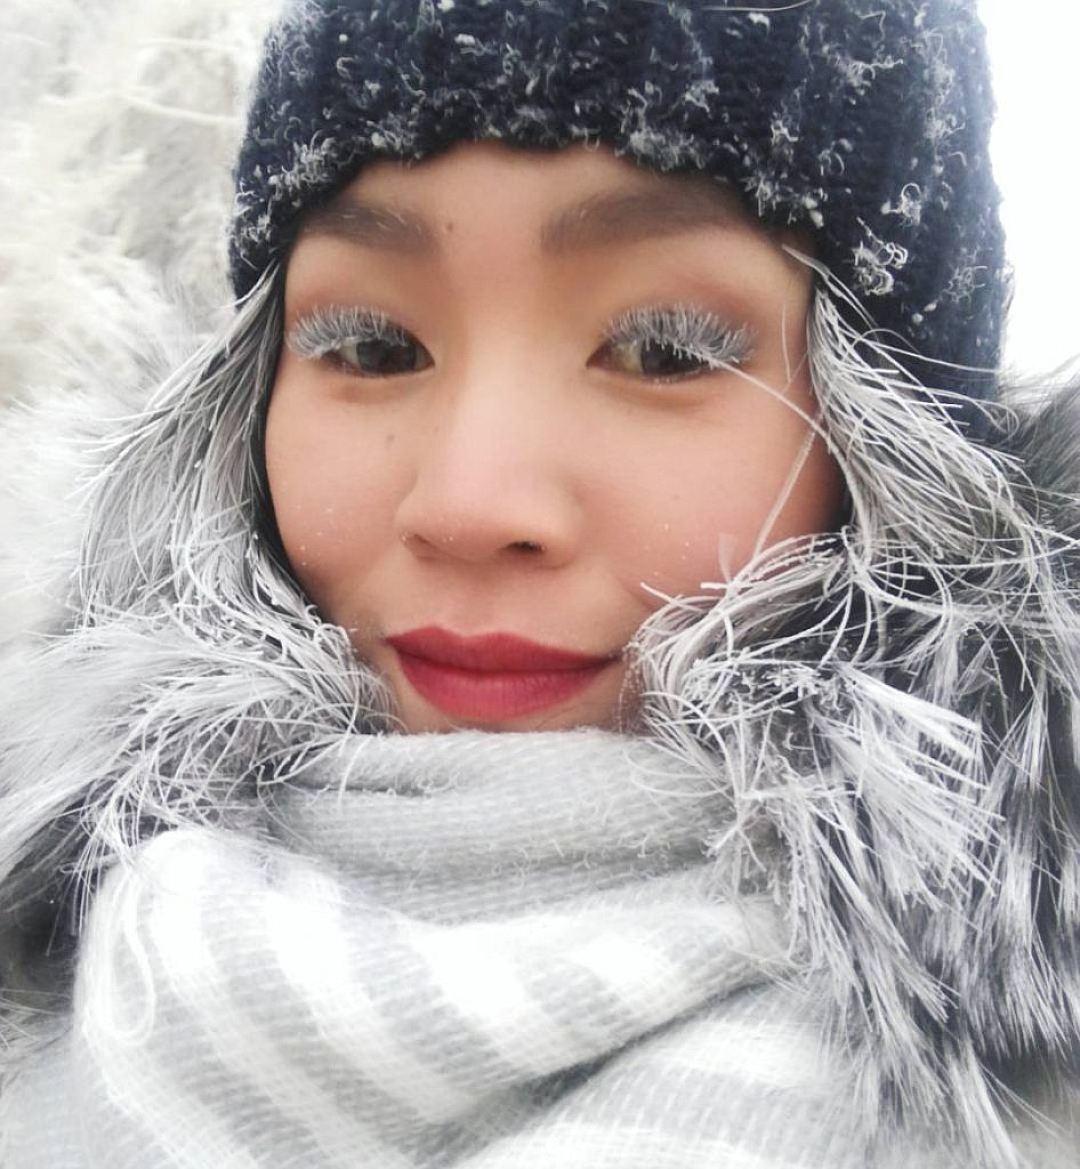 У каждой якутской красавицы должна быть фотография с